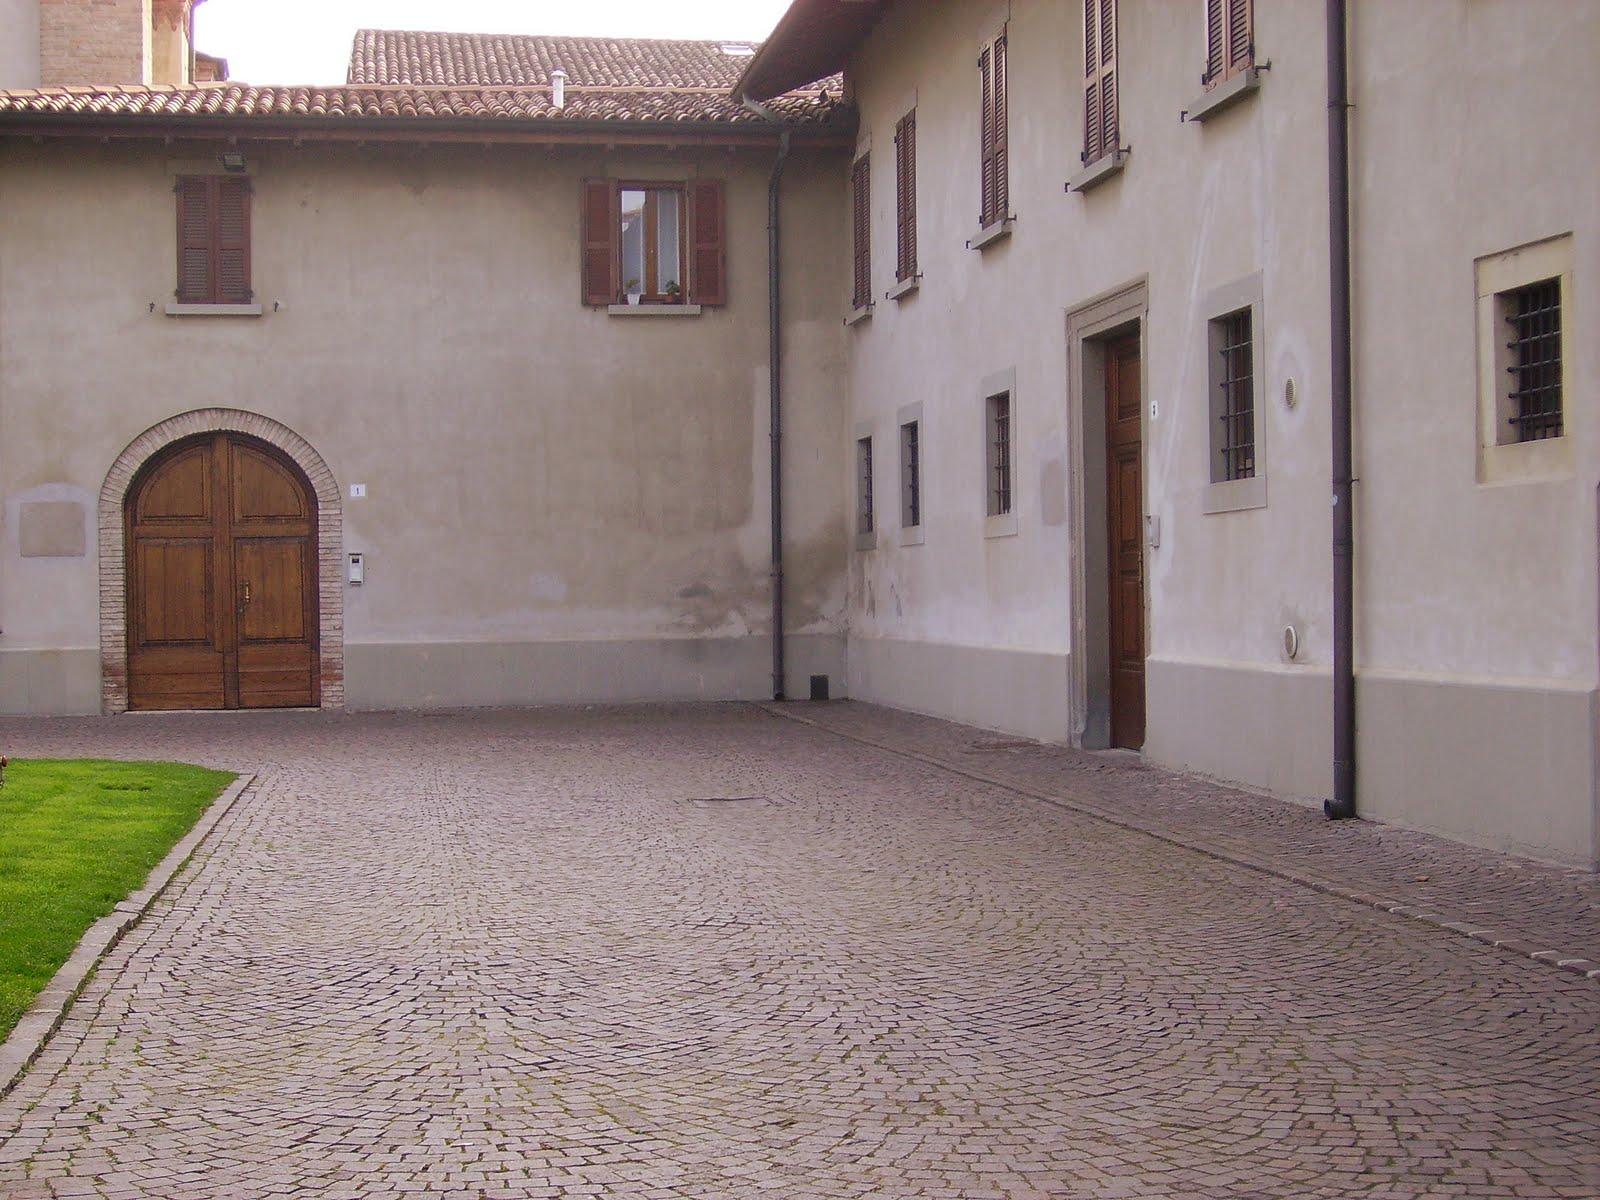 L 39 albero degli zoccoli i luoghi del film l 39 albero degli - Zoccolo esterno facciata ...